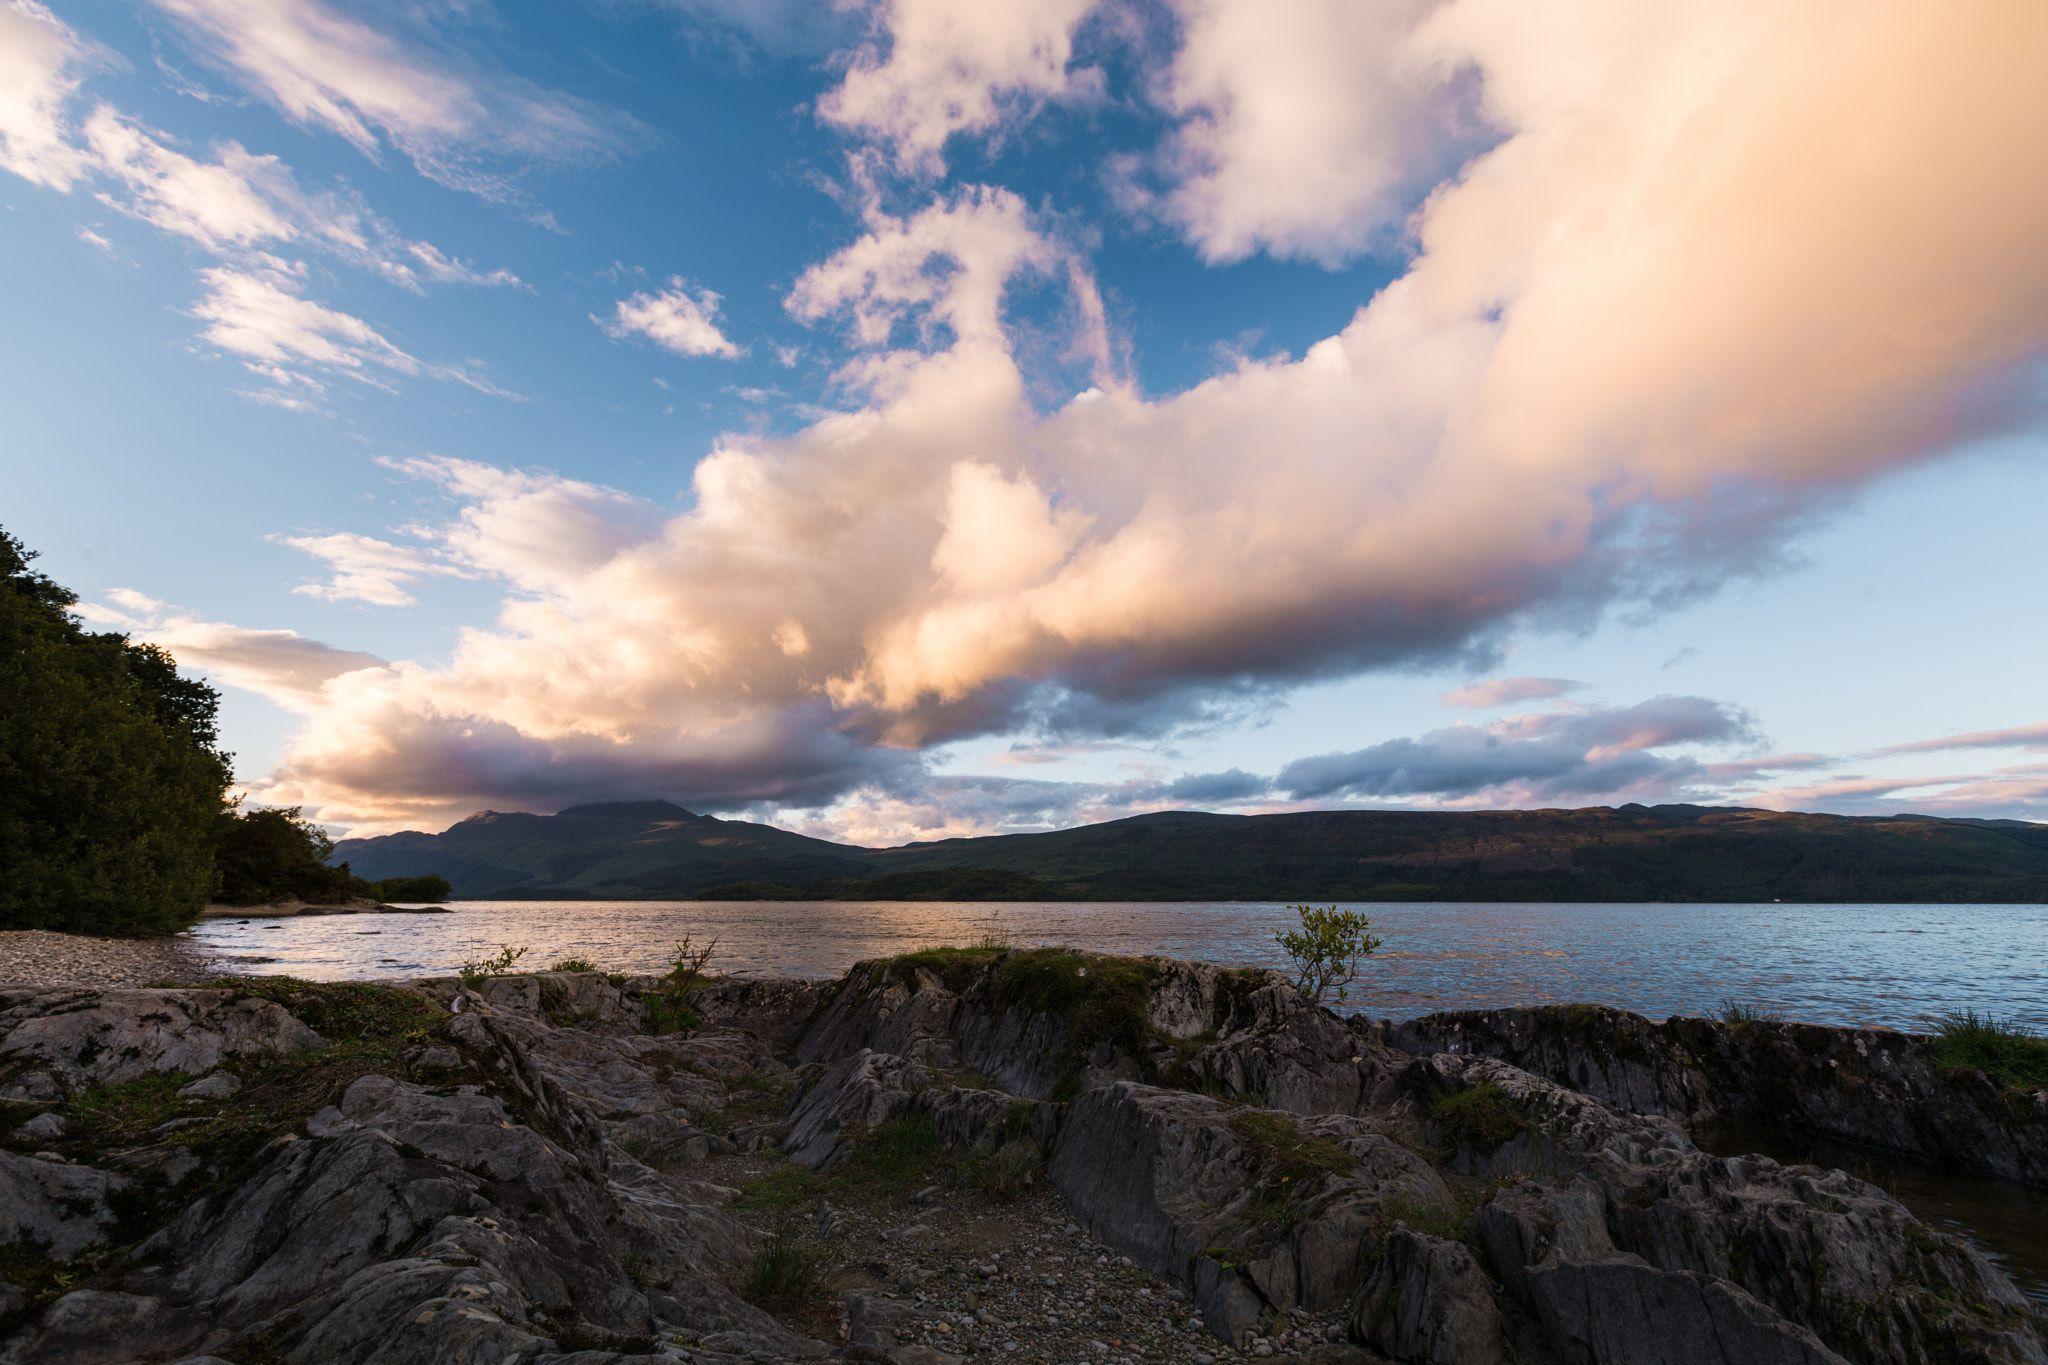 Loch Lomond by VIMAGE_VIEW #ErnstStrasser #Schottland #Scotland #lochlomond Loch Lomond by VIMAGE_VIEW #ErnstStrasser #Schottland #Scotland #lochlomond Loch Lomond by VIMAGE_VIEW #ErnstStrasser #Schottland #Scotland #lochlomond Loch Lomond by VIMAGE_VIEW #ErnstStrasser #Schottland #Scotland #lochlomond